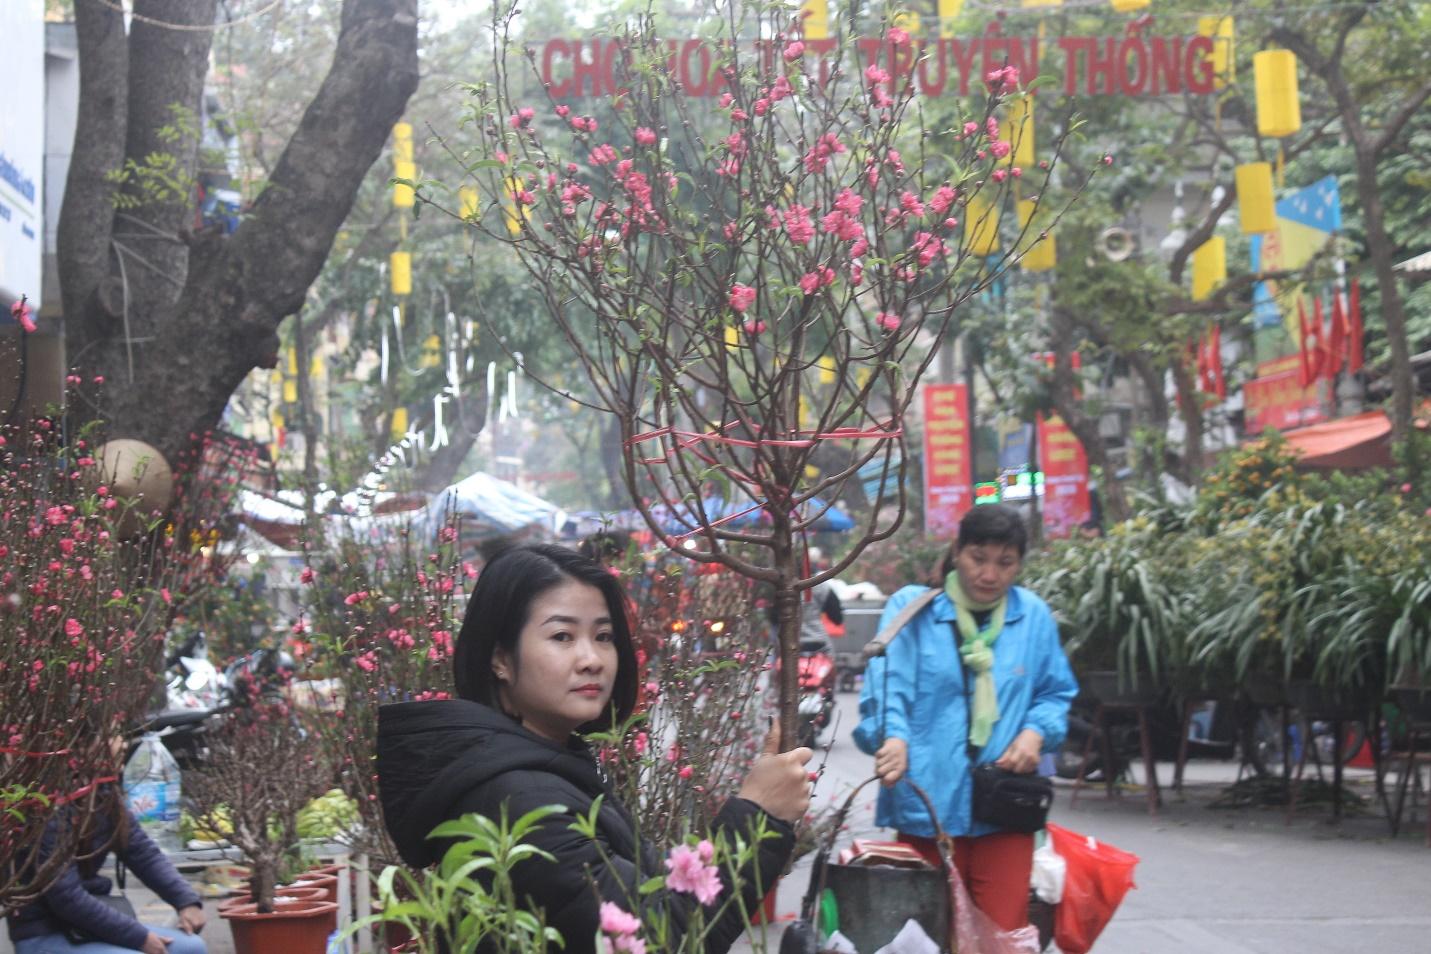 Người dân nô nức ghé thăm phiên chợ hoa Tết lâu đời nhất Hà Nội trong ngày rét ngọt  - Ảnh 5